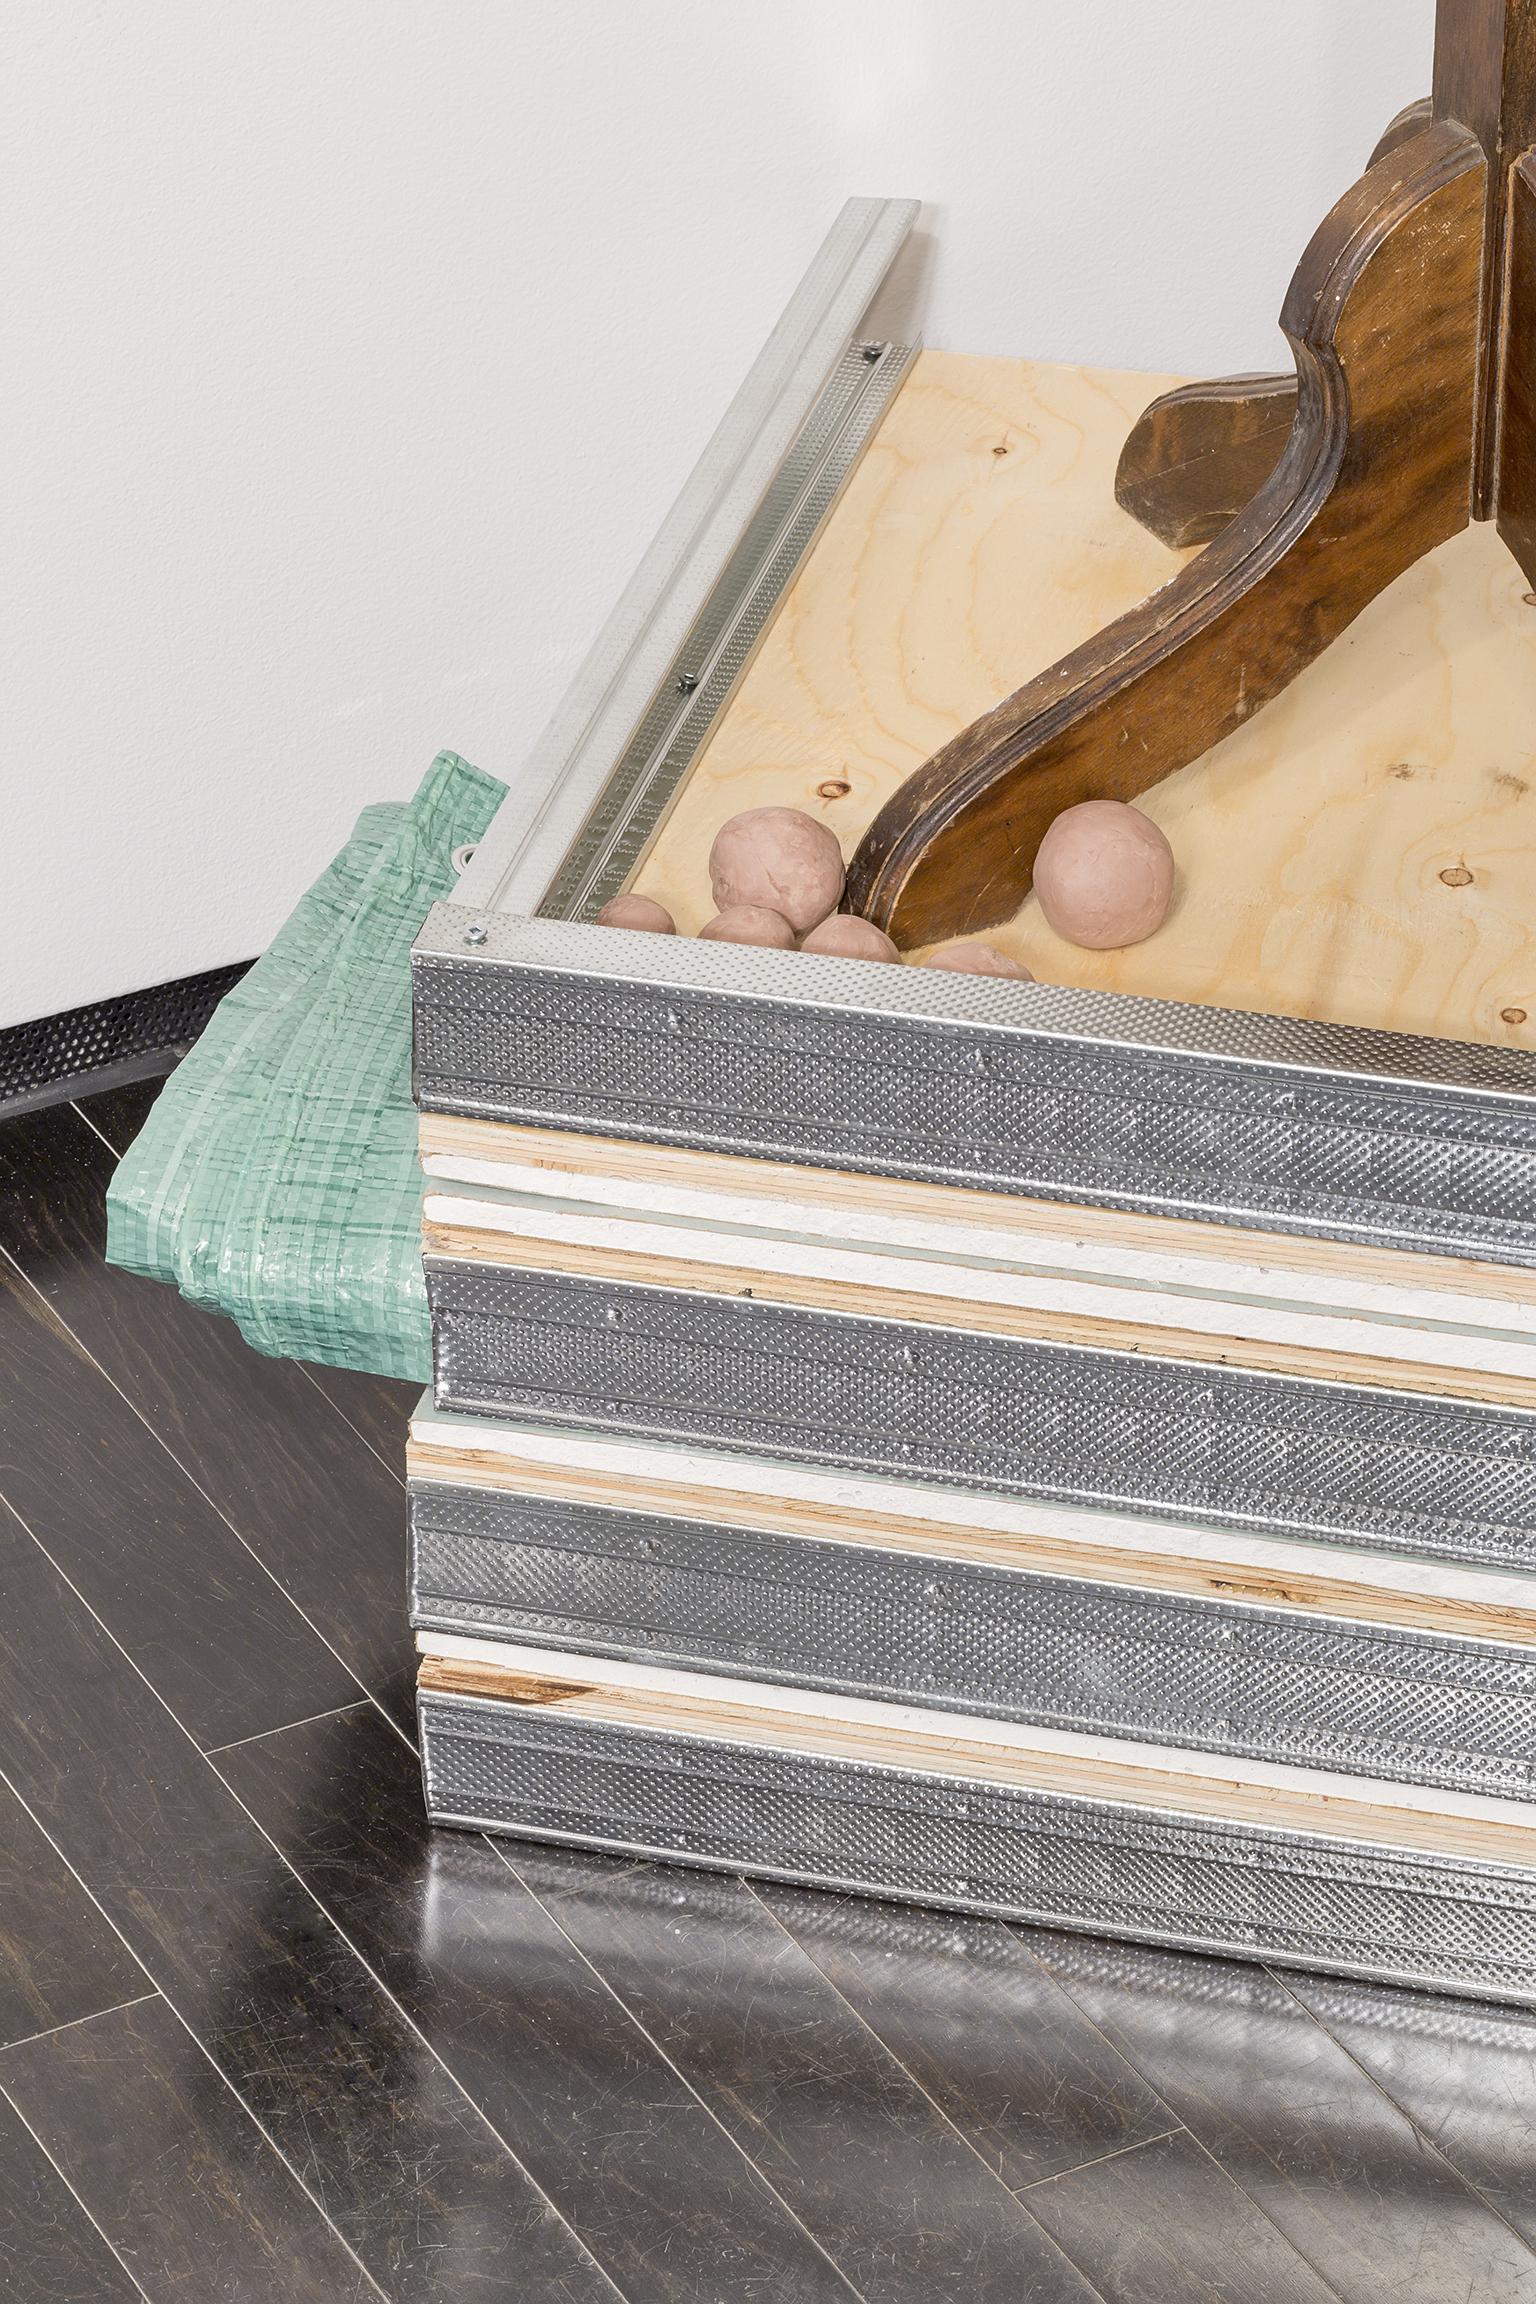 Duane Linklater, Flock (detail), 2016, wool tapestry, coathanger, steel vice, tarpaulin, gypsum, wood, steel, hair, clay, dimensions variable by